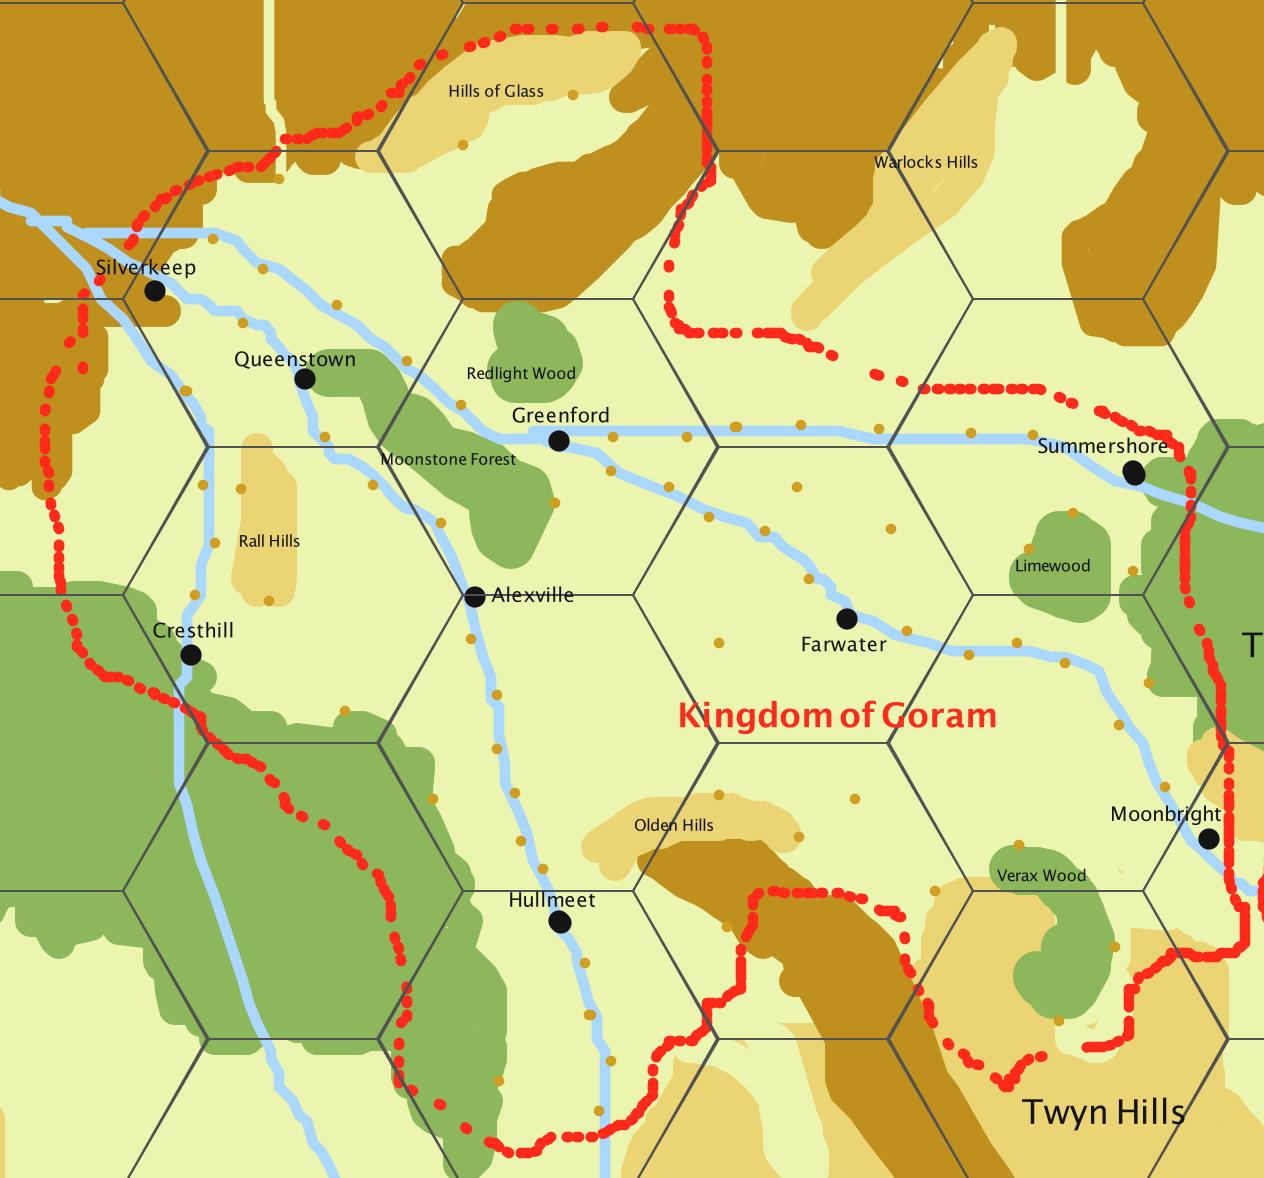 Kingdom of goram